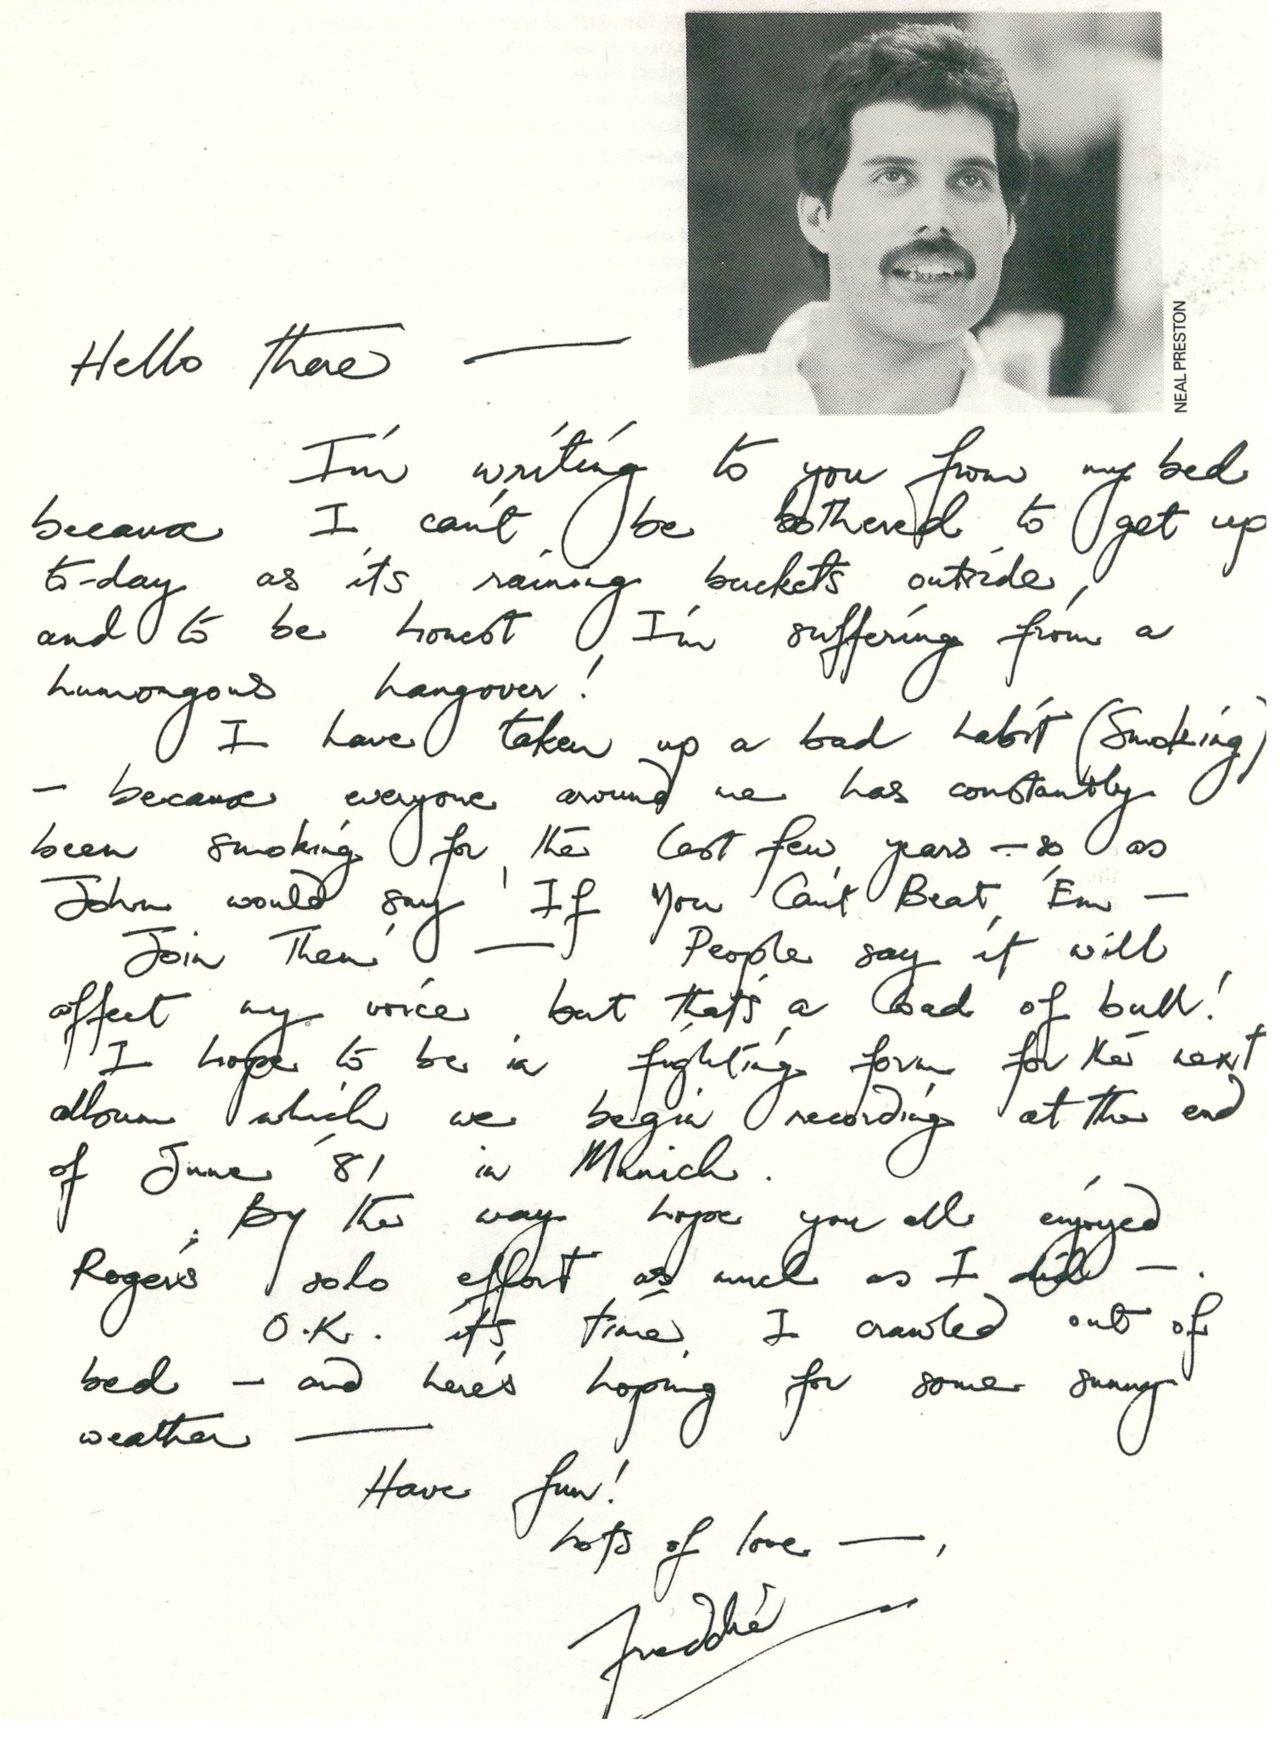 Queen Handwriting